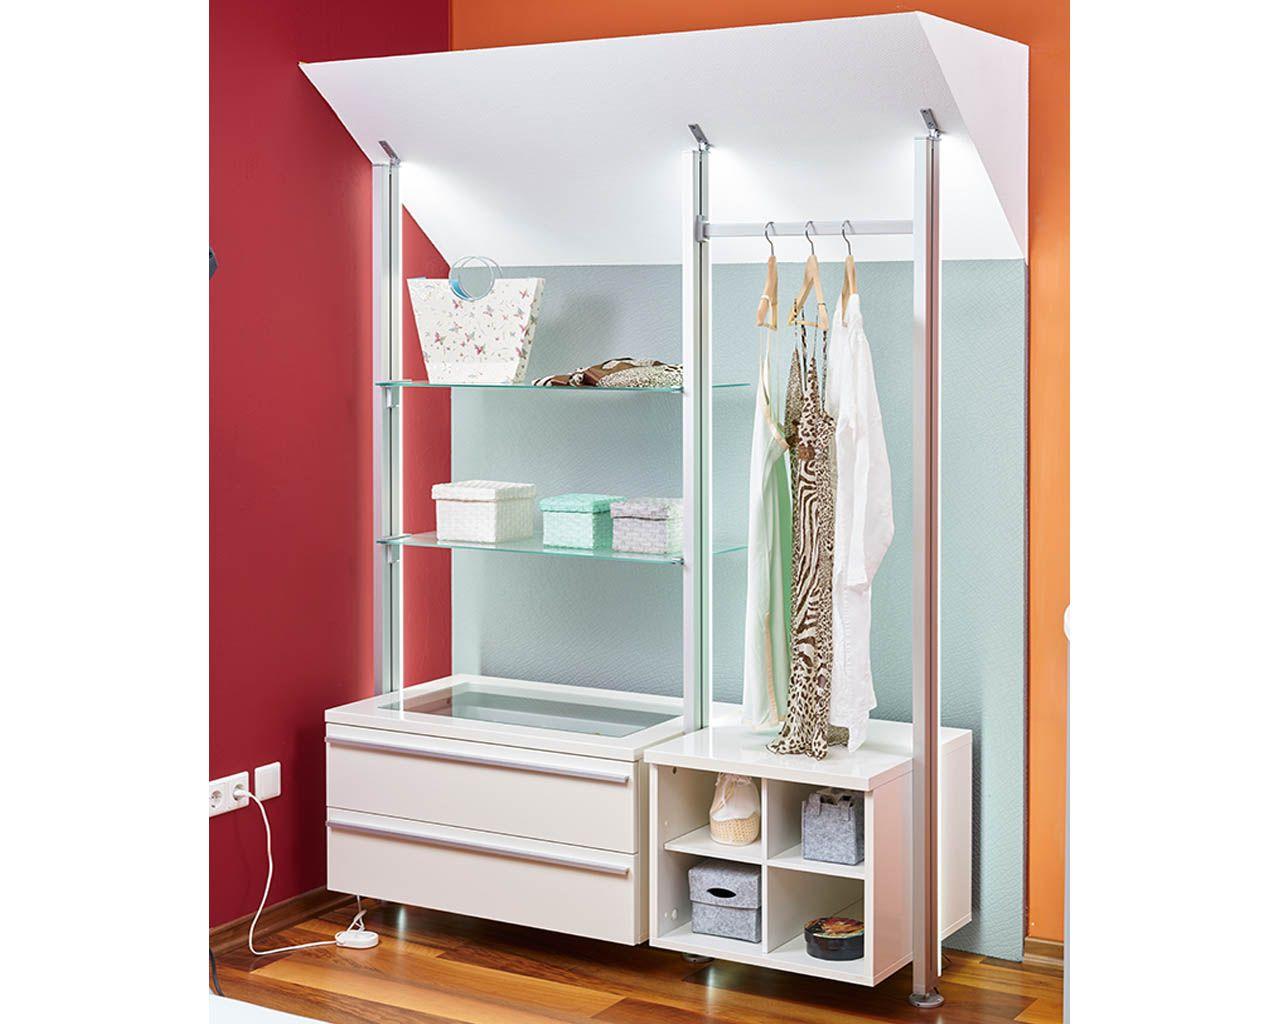 begehbarer kleiderschrank venduna ist eine ideale l sung f r das zimmer mit dachschr gen. Black Bedroom Furniture Sets. Home Design Ideas